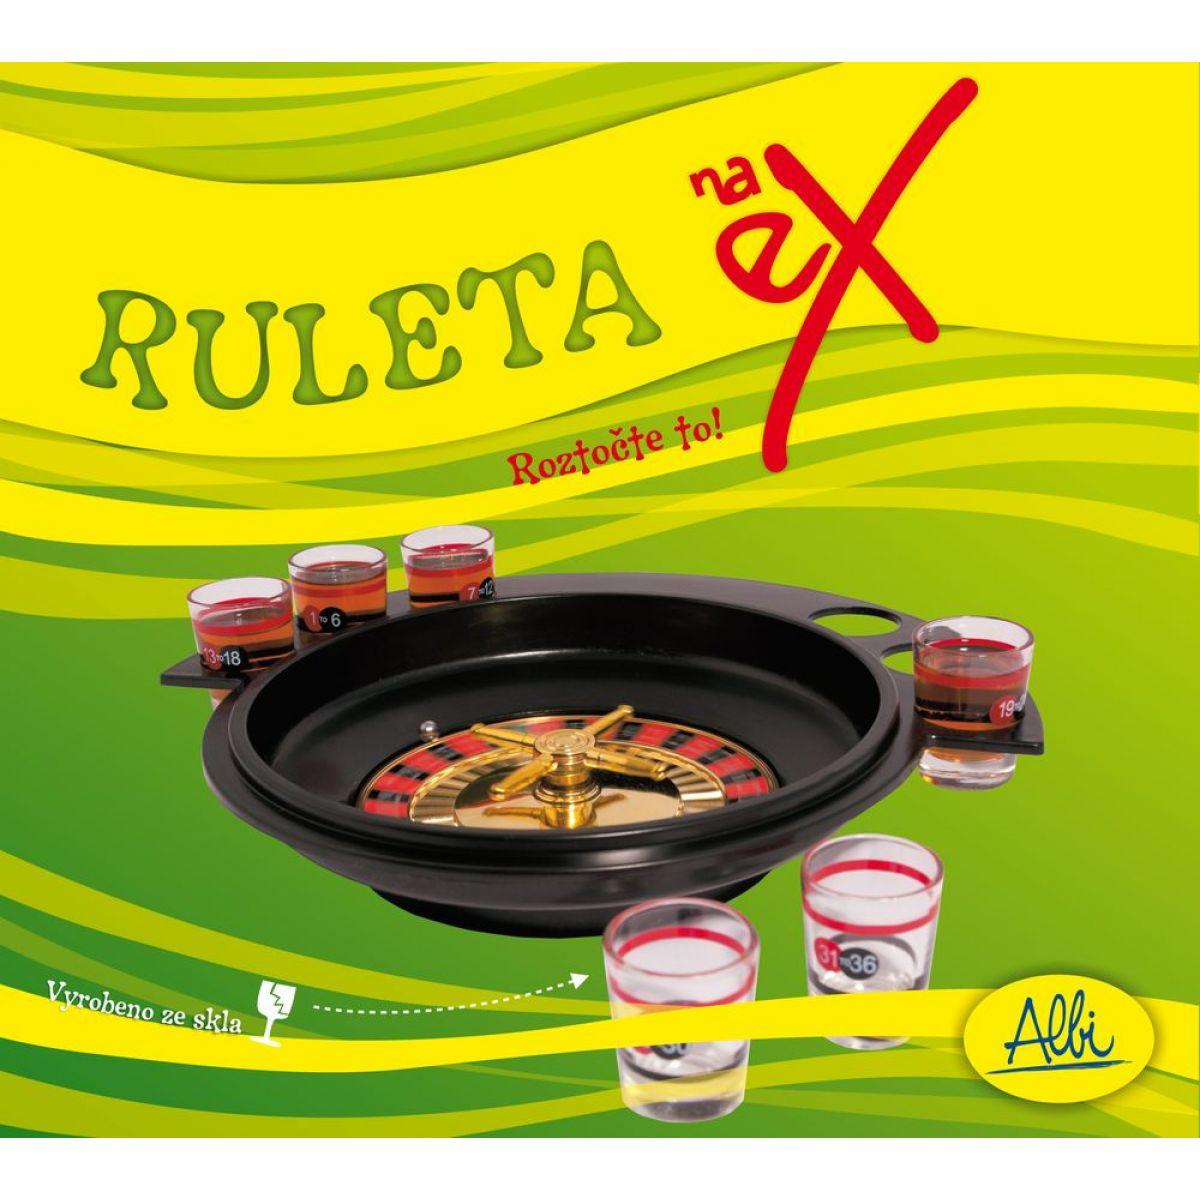 Albi Ruleta Na Ex!